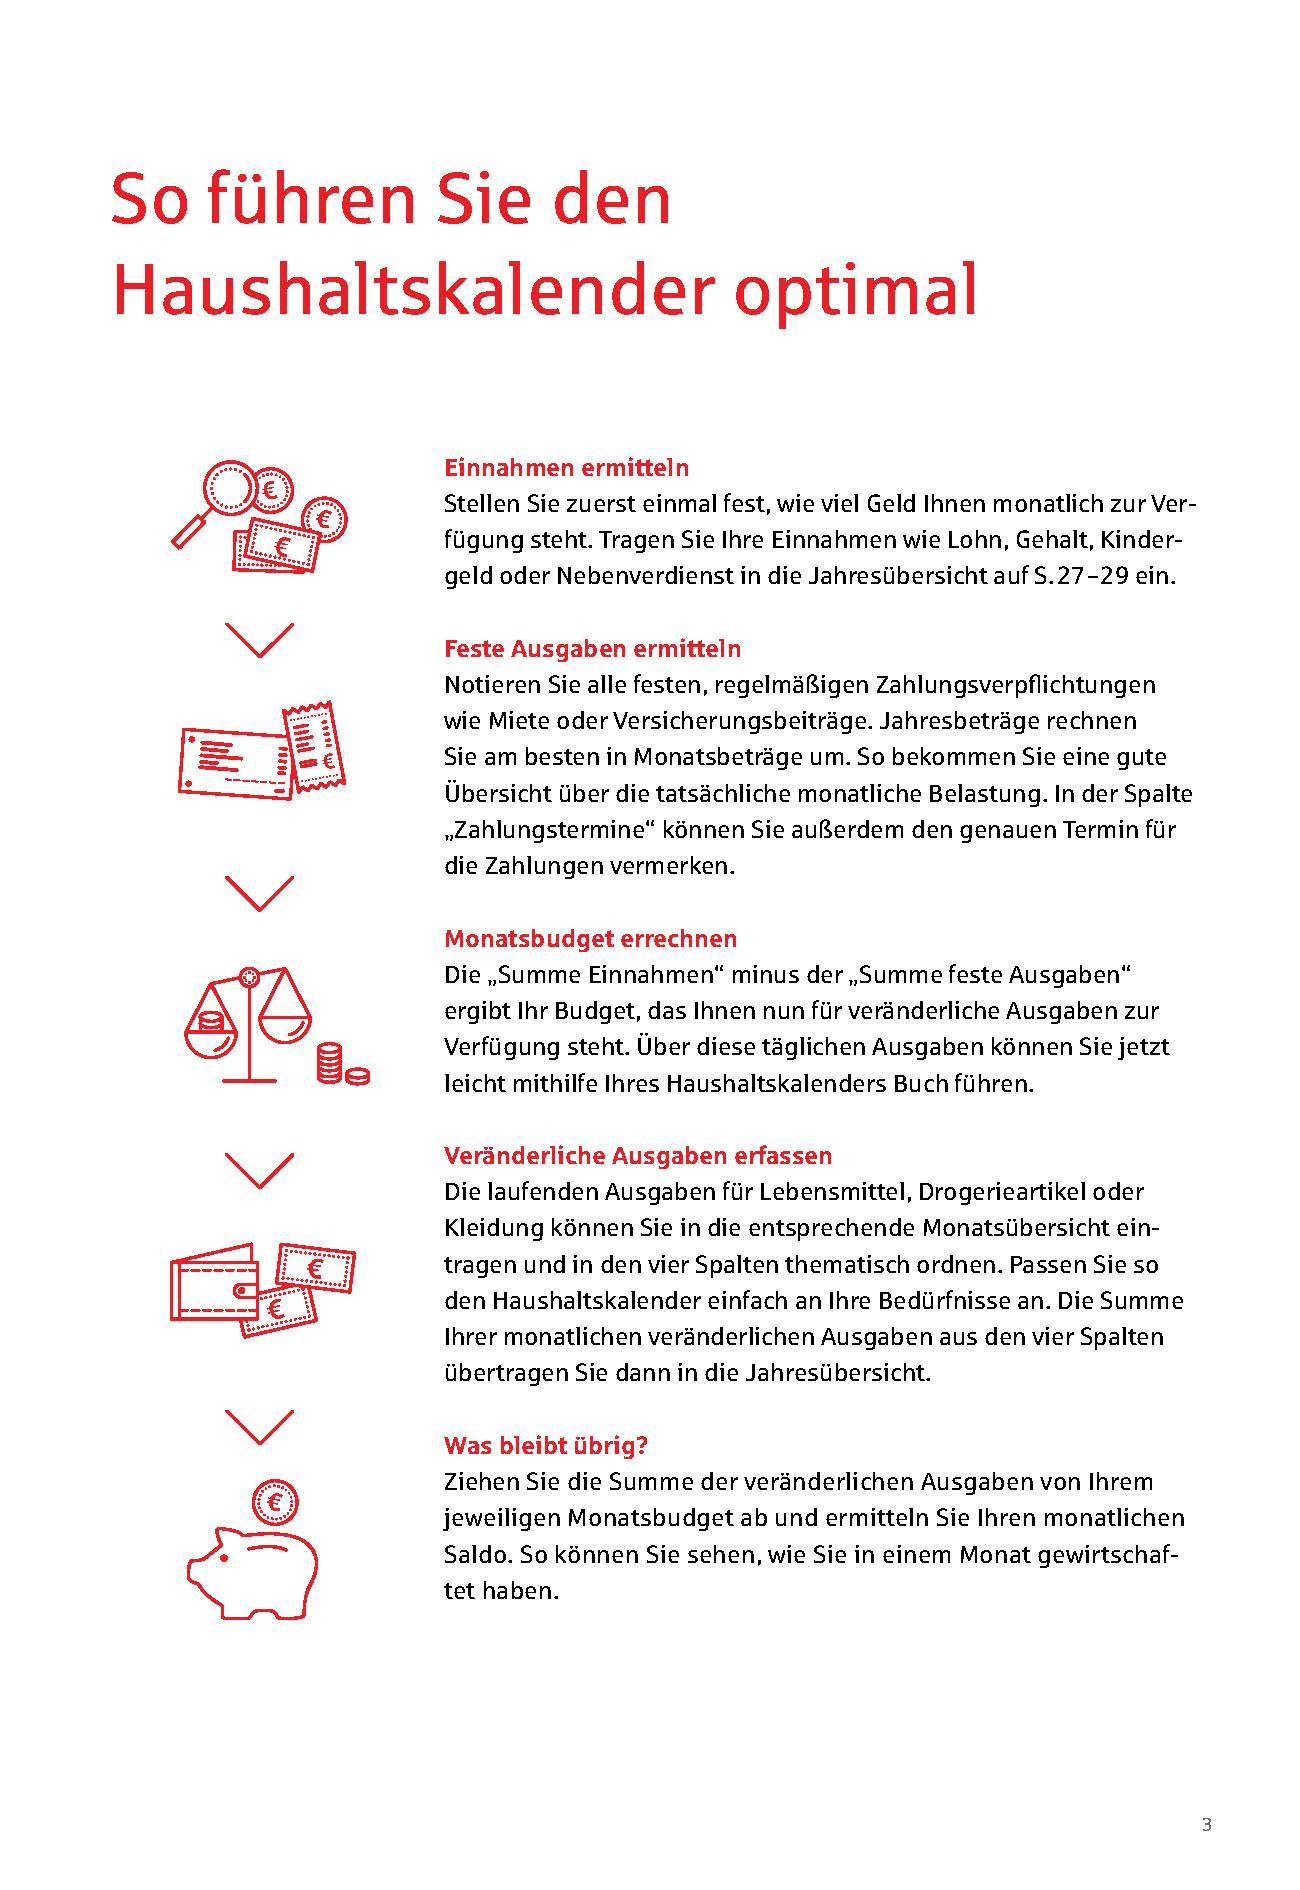 Ansichtsseite zum Führen des Haushaltskalenders 2020